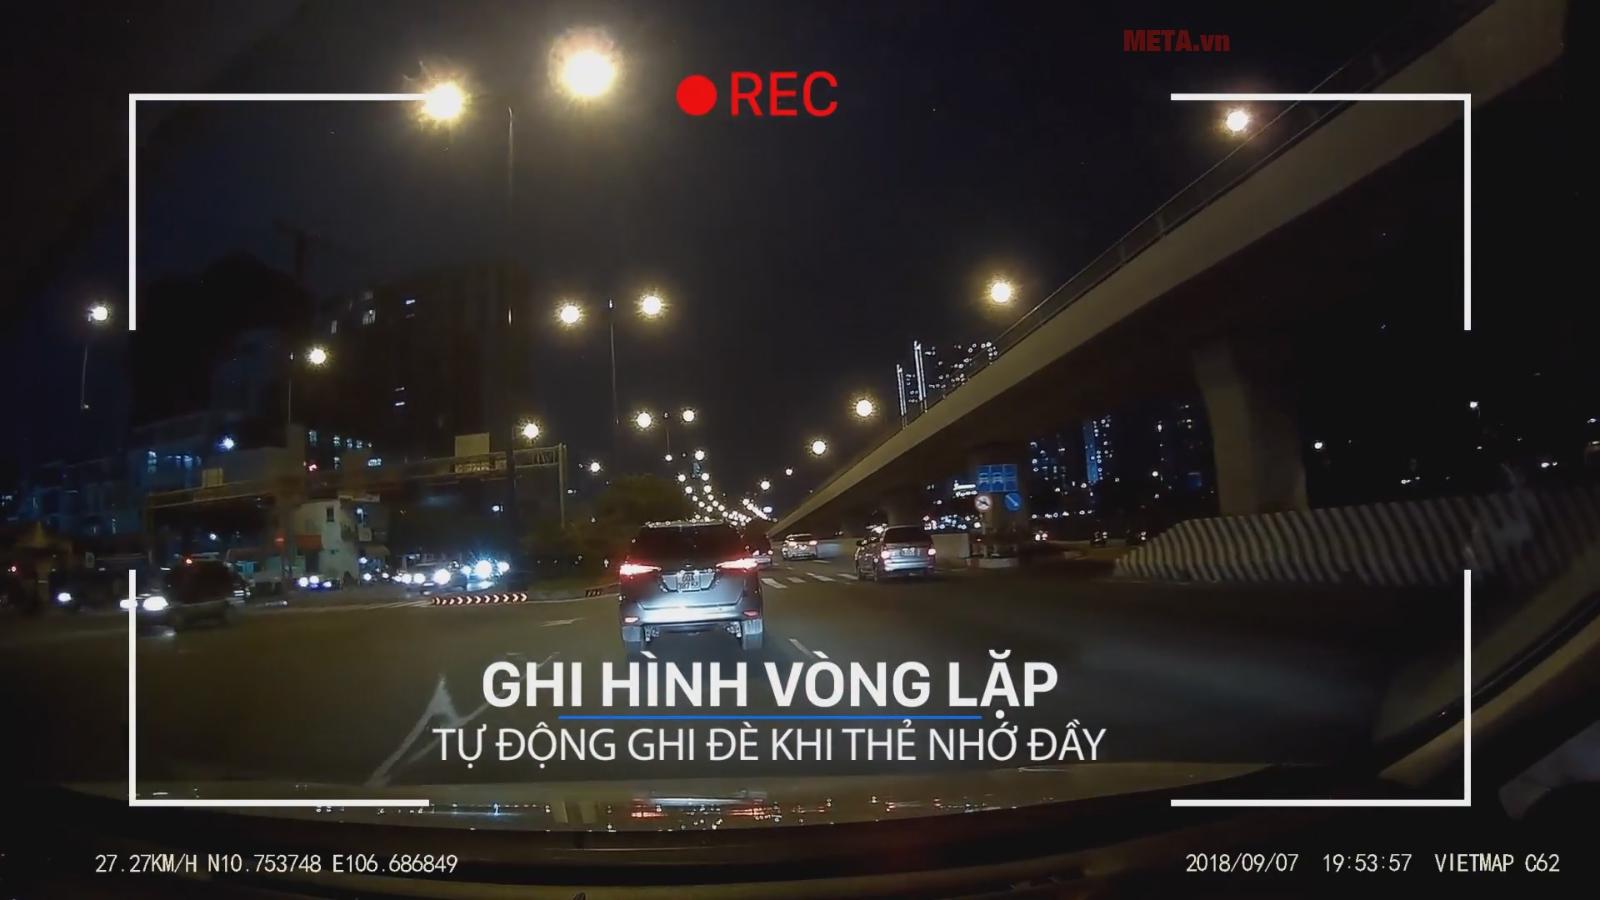 Camera Vietmap C62 ghi hình vòng lặp, ghi hình ban đêm rõ nét